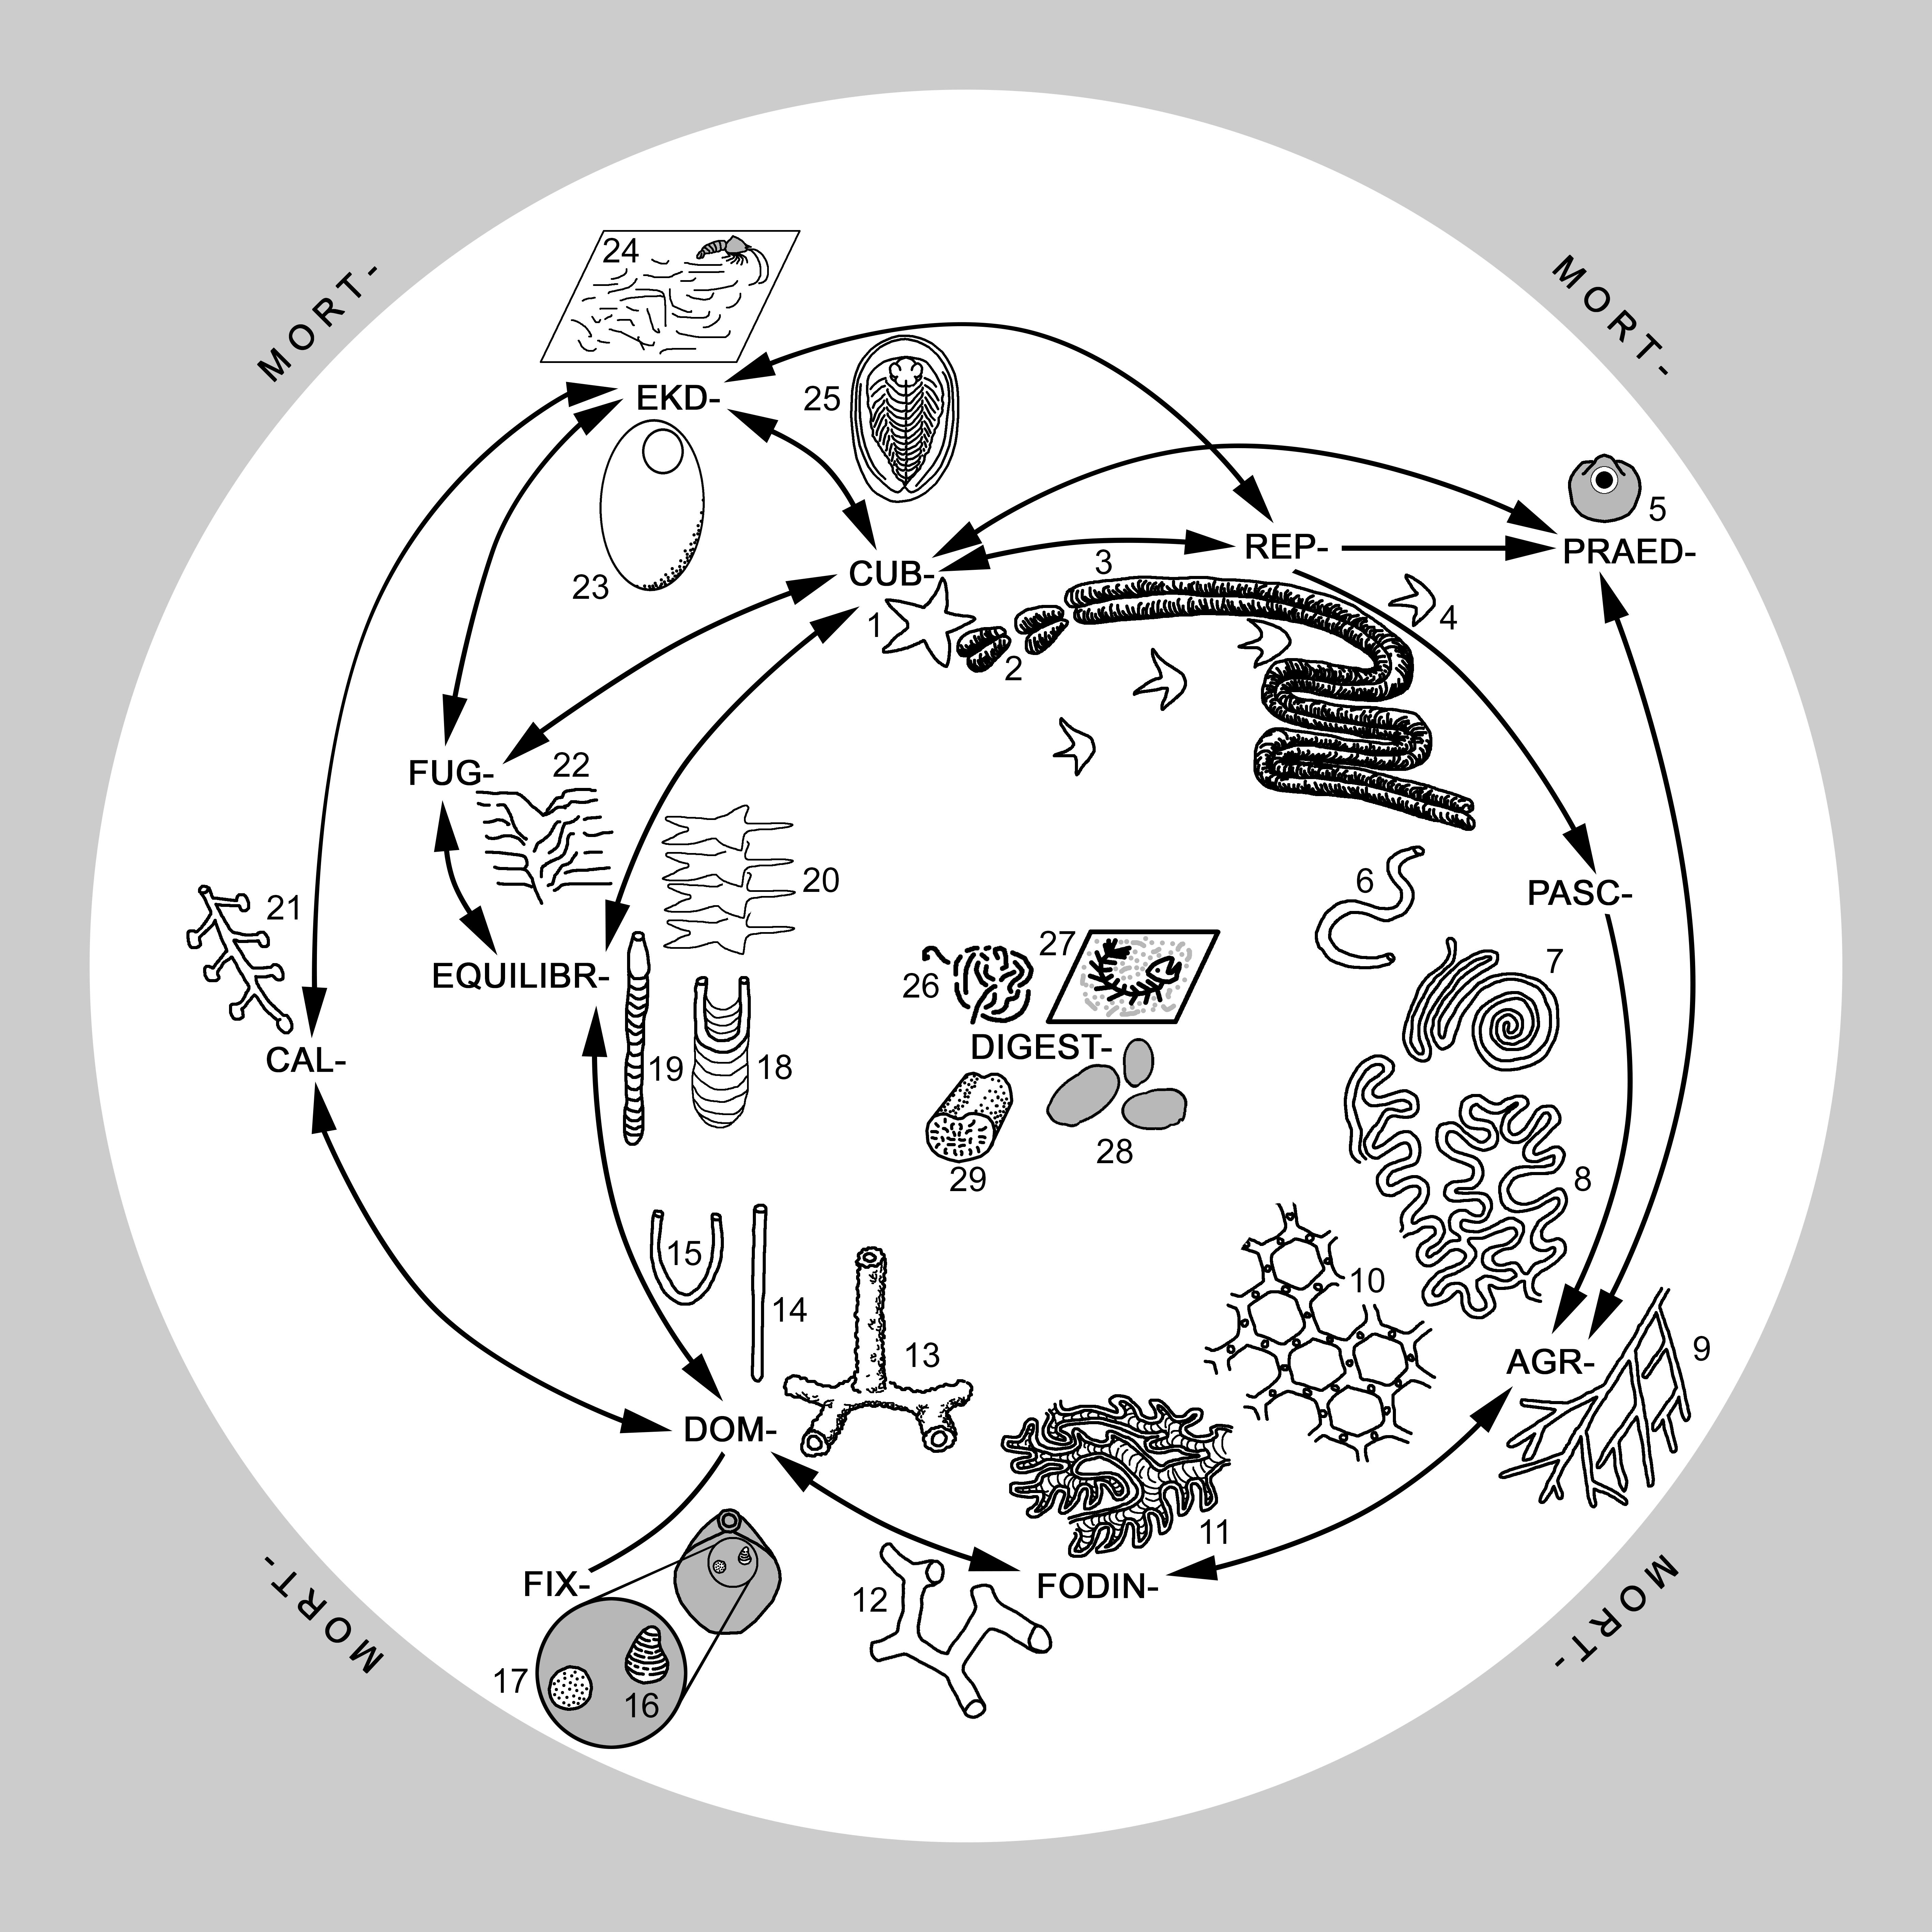 Ethological Classification